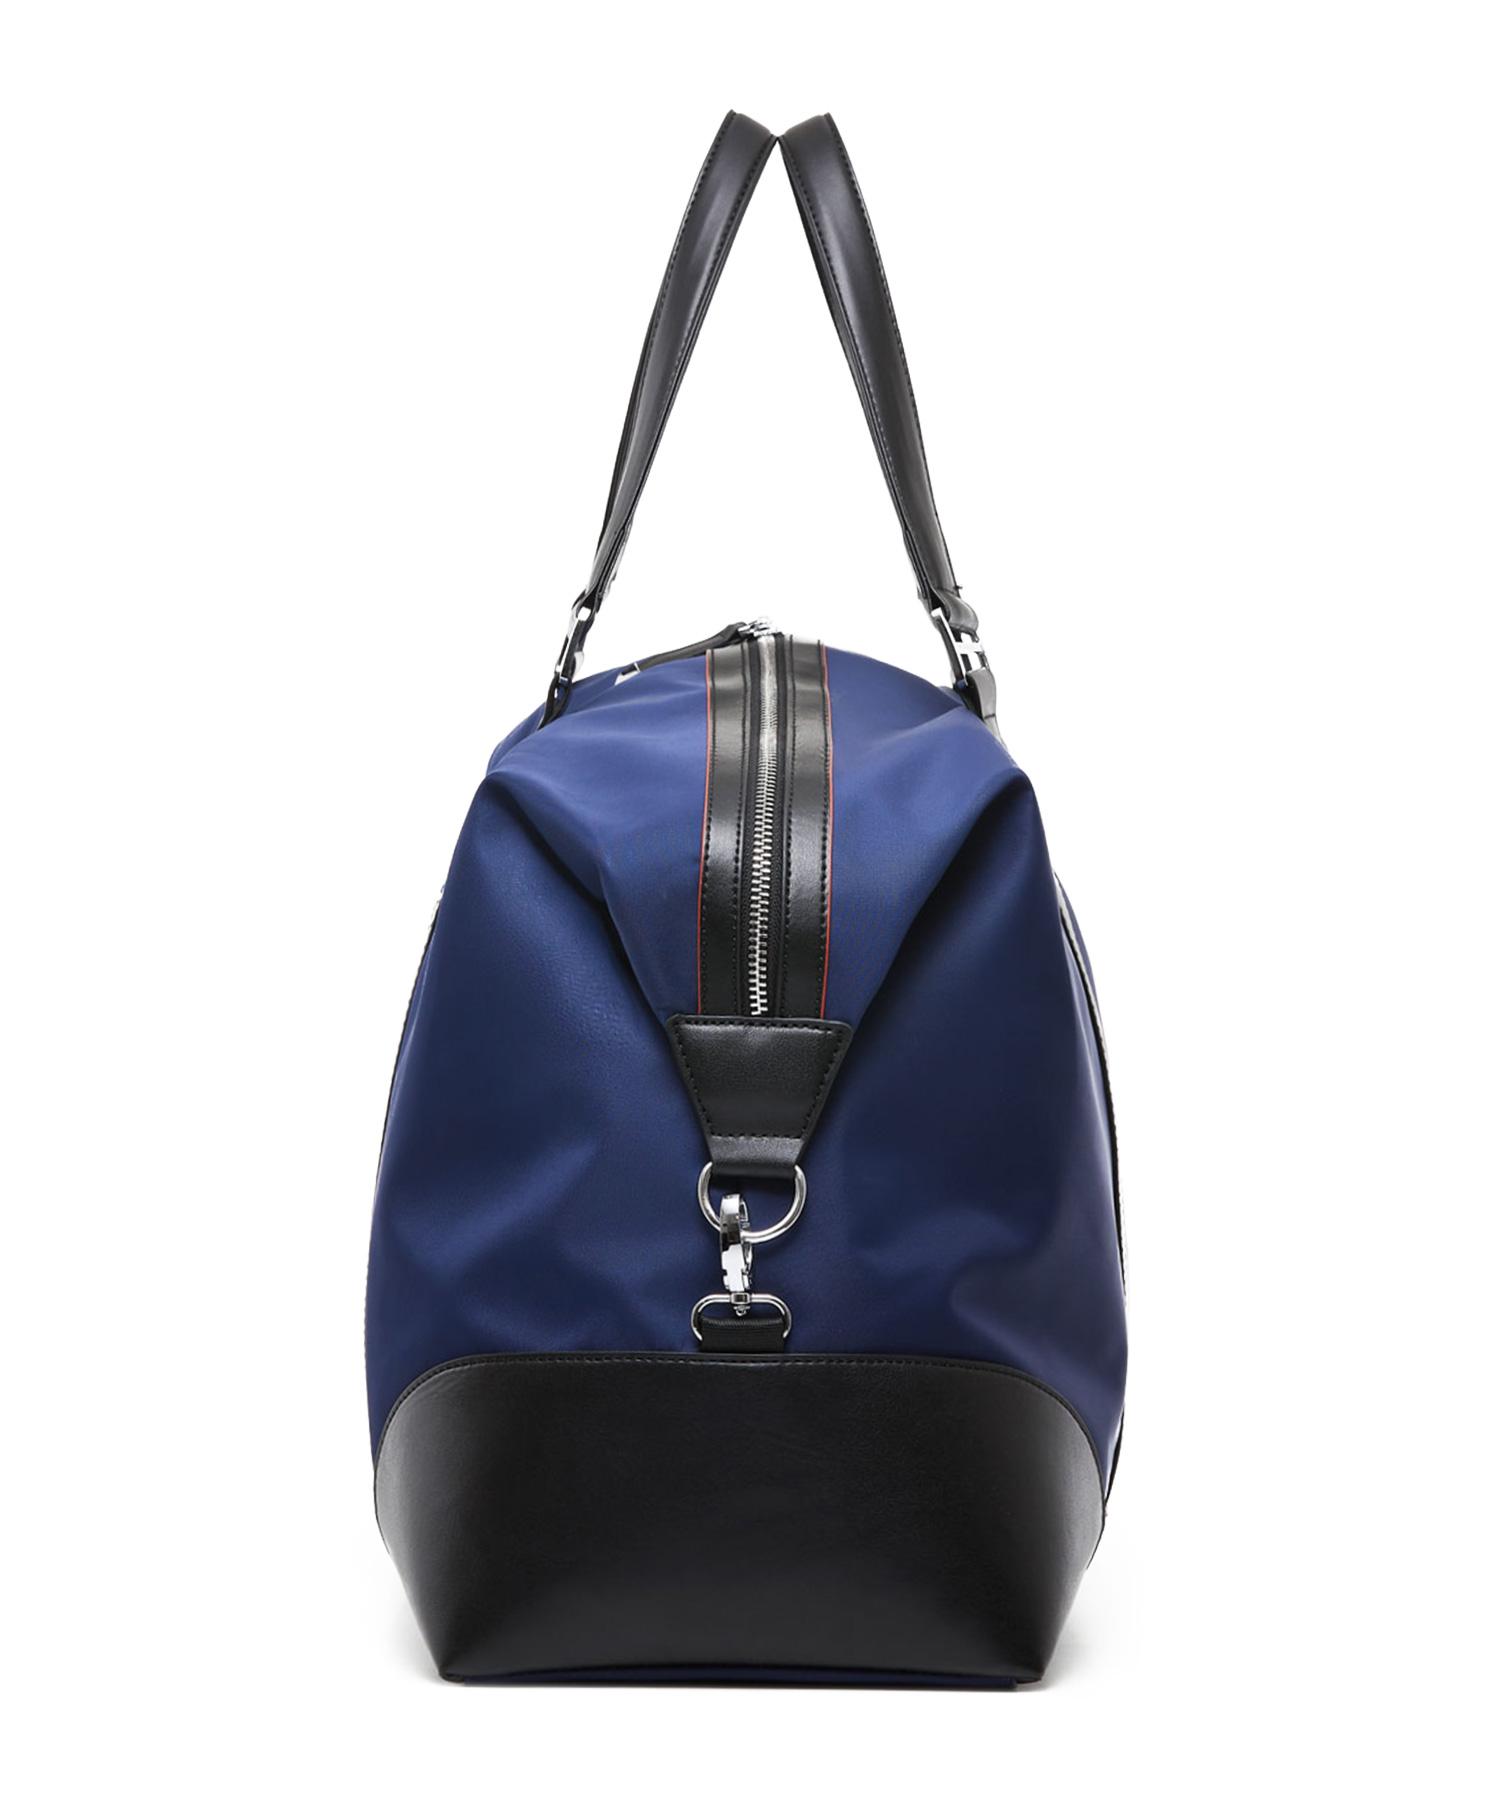 krimcode business duffel bag blue side